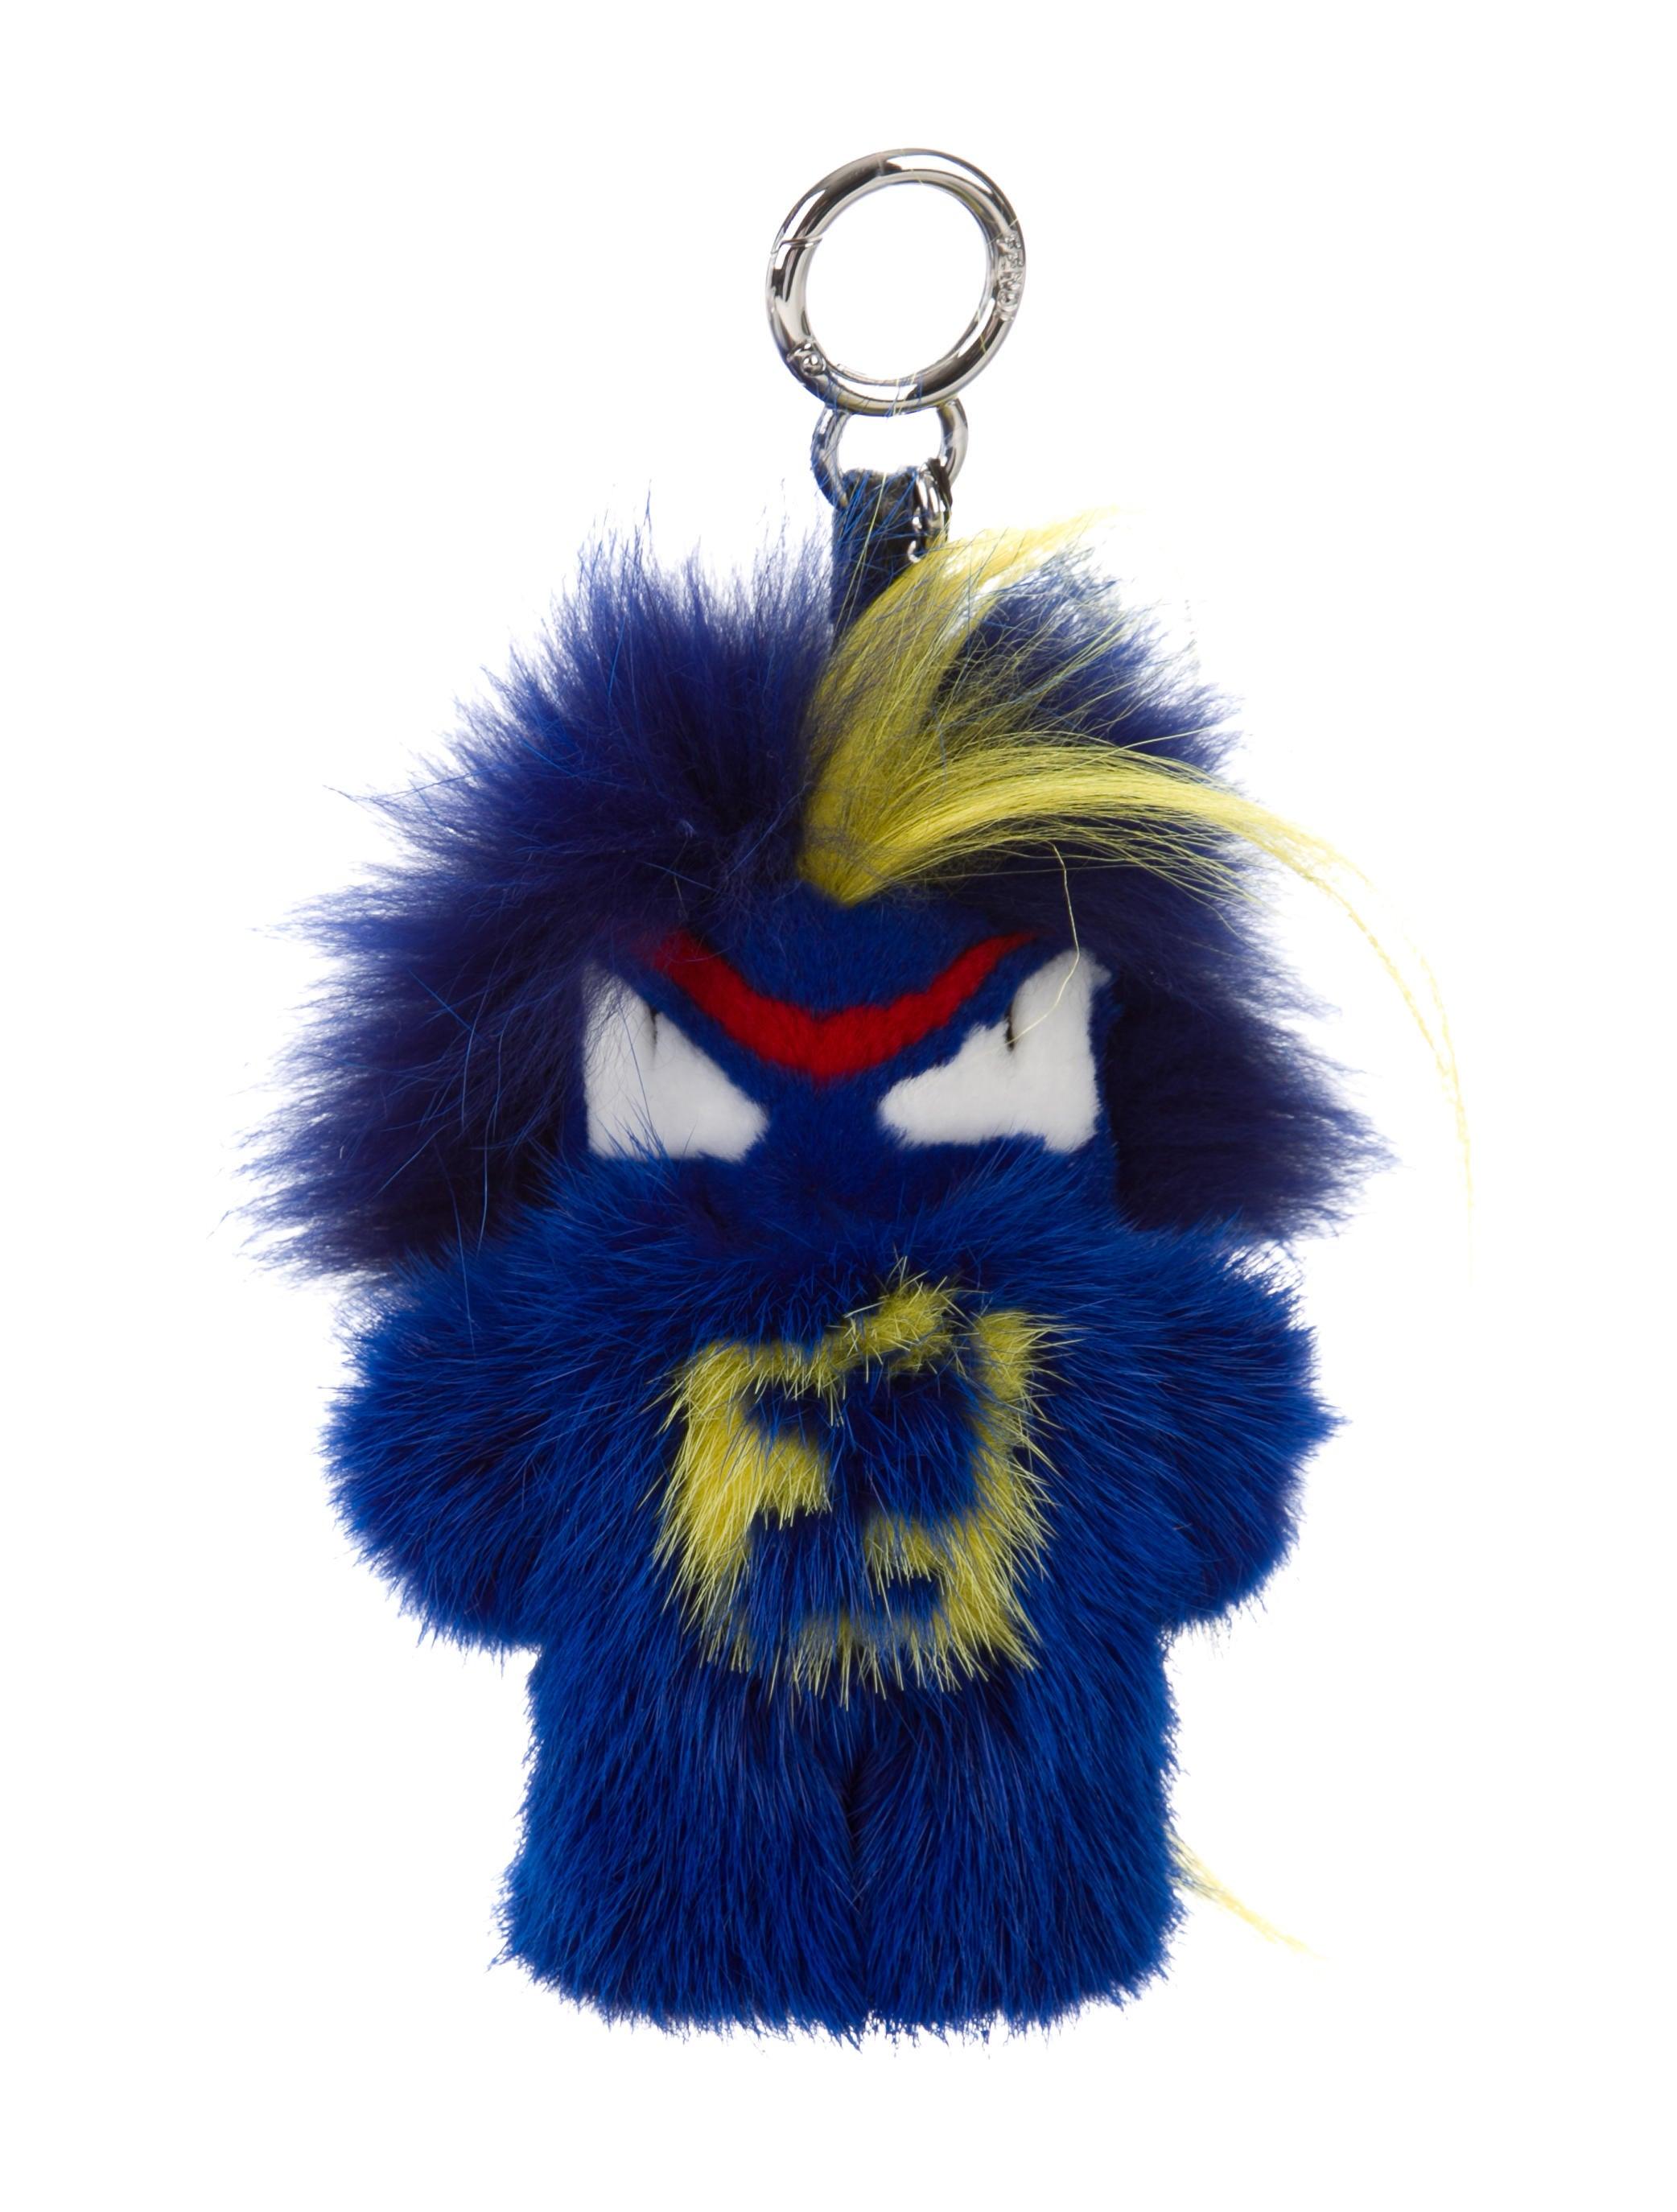 Fendi Mink Fur Fendirumi Bug-Kun Monster Bag Charm w  Tags ... 364313b73d7b8